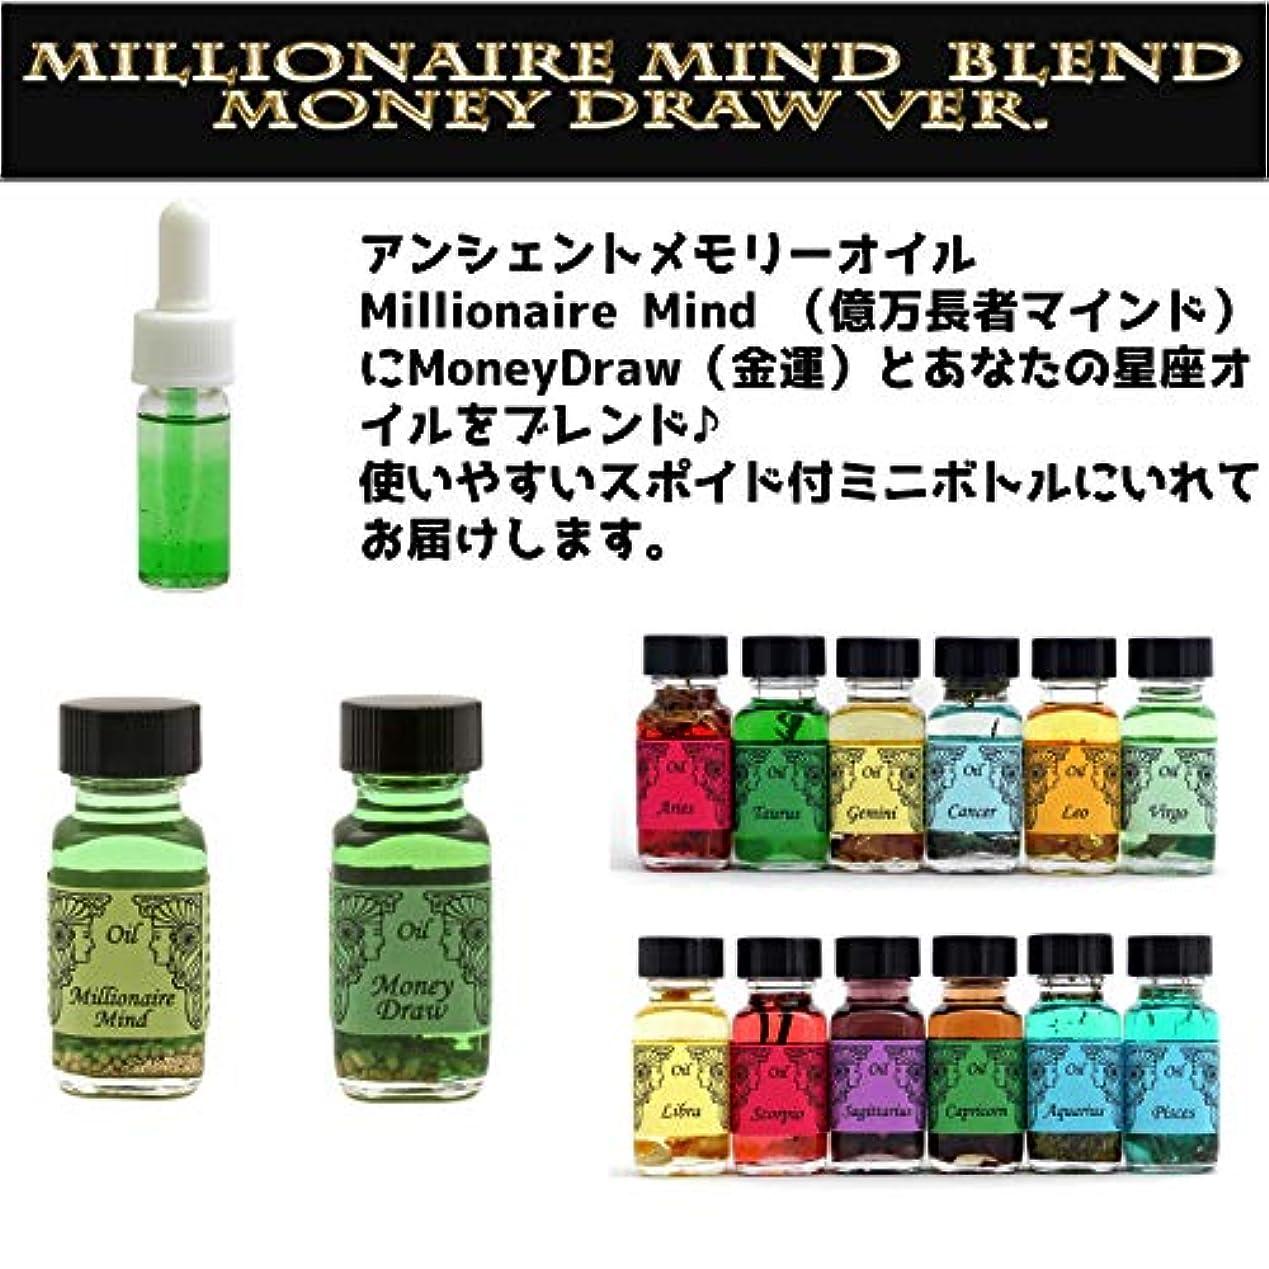 窒息させる失従事したアンシェントメモリーオイル Millionaire Mind 億万長者マインド ブレンド(Money Drawマネードロー(金運)&さそり座